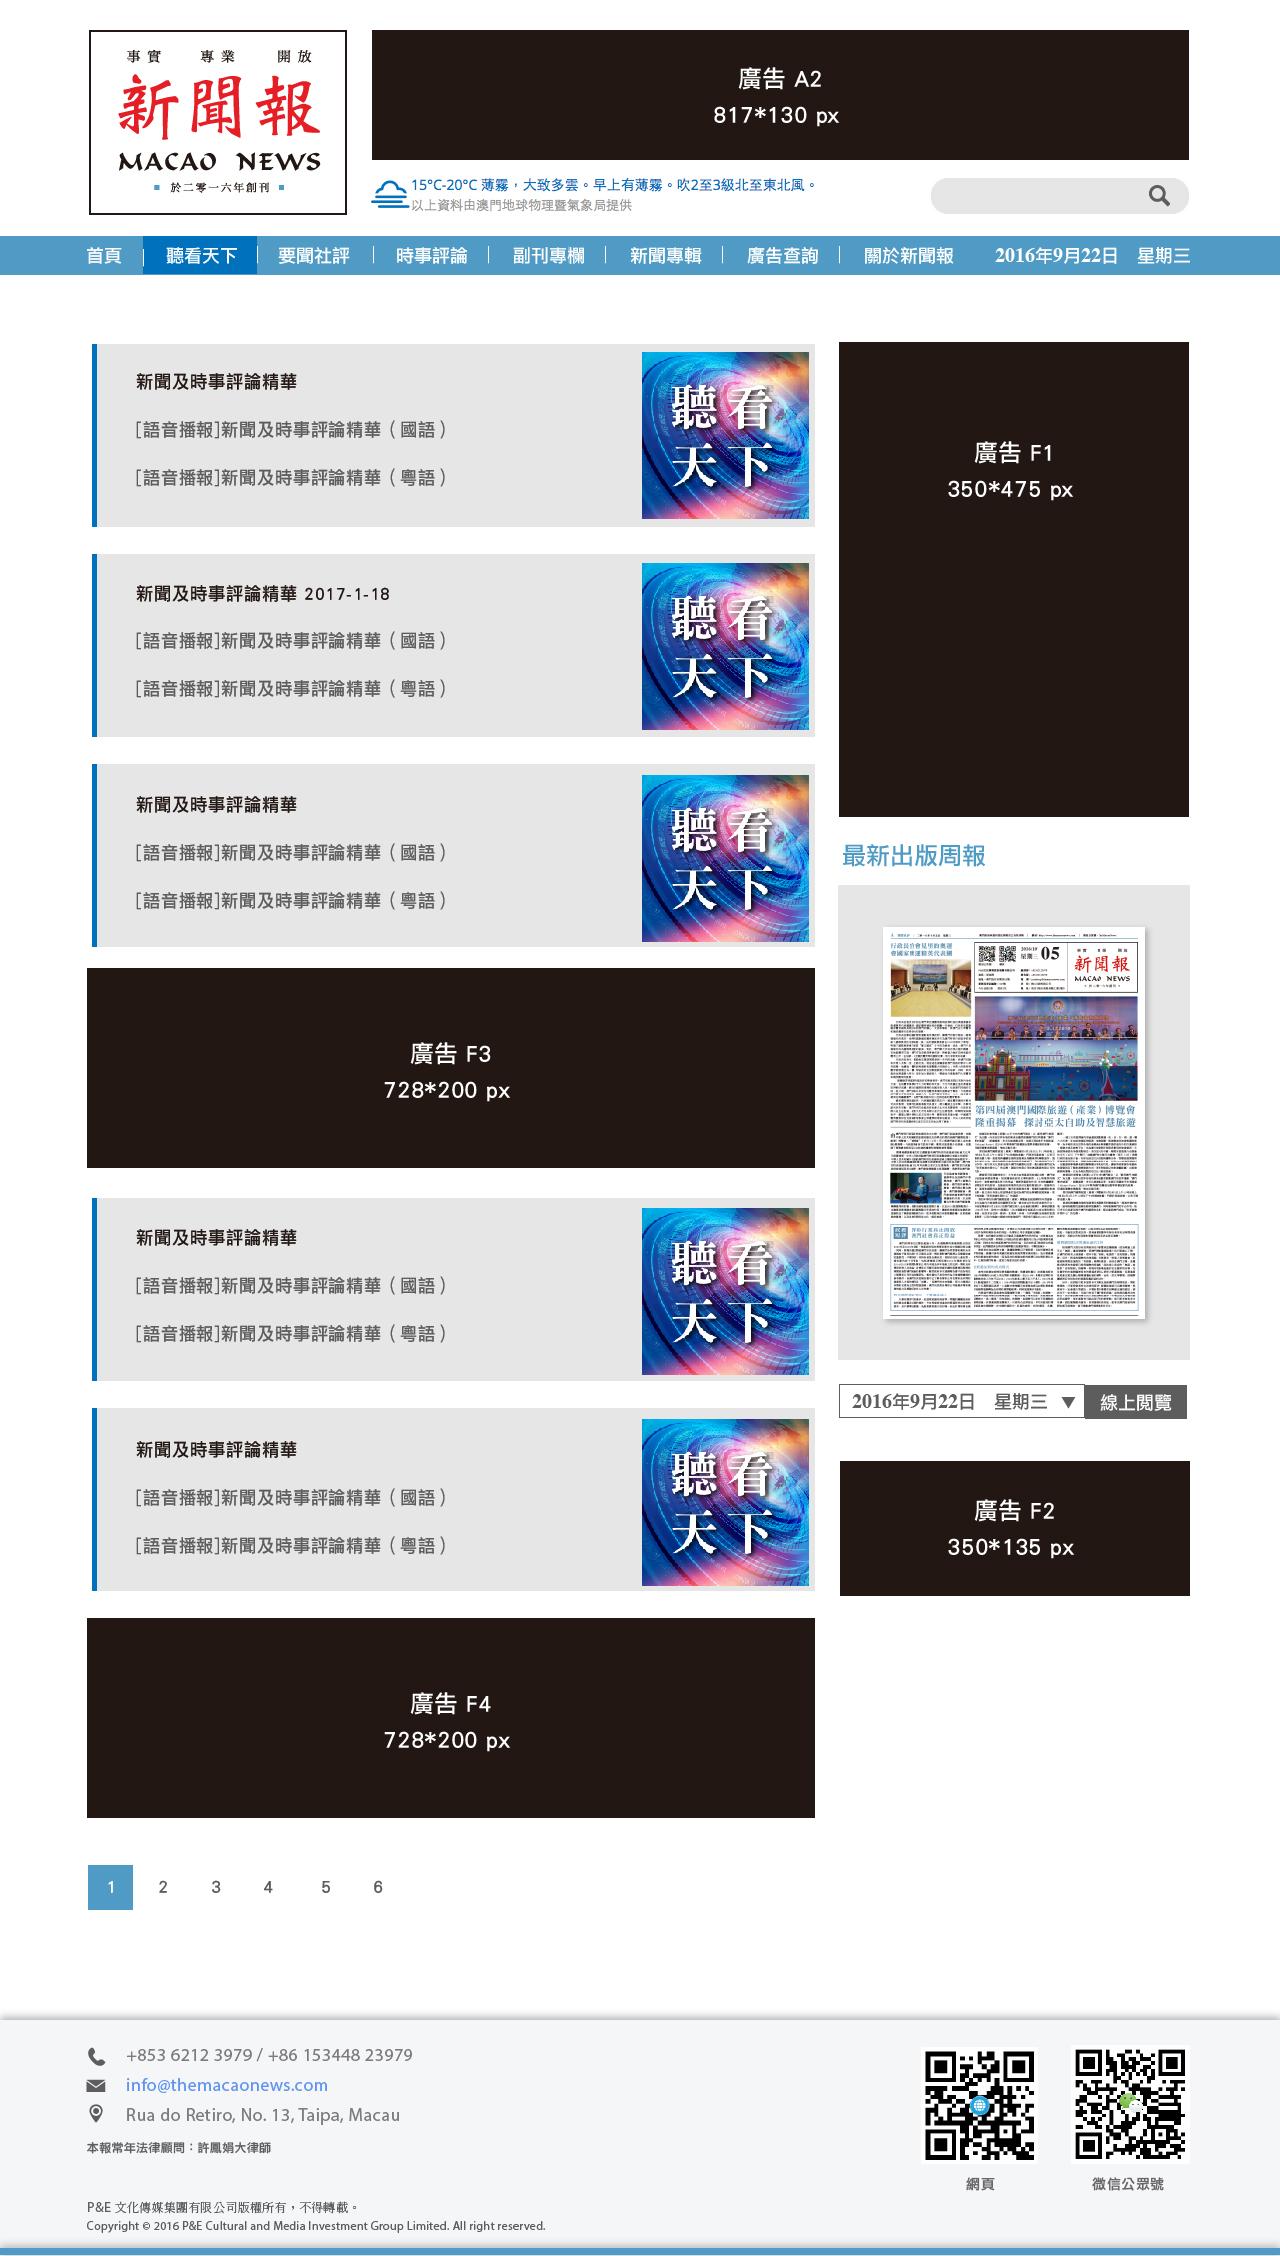 macao-news-website-ad-02